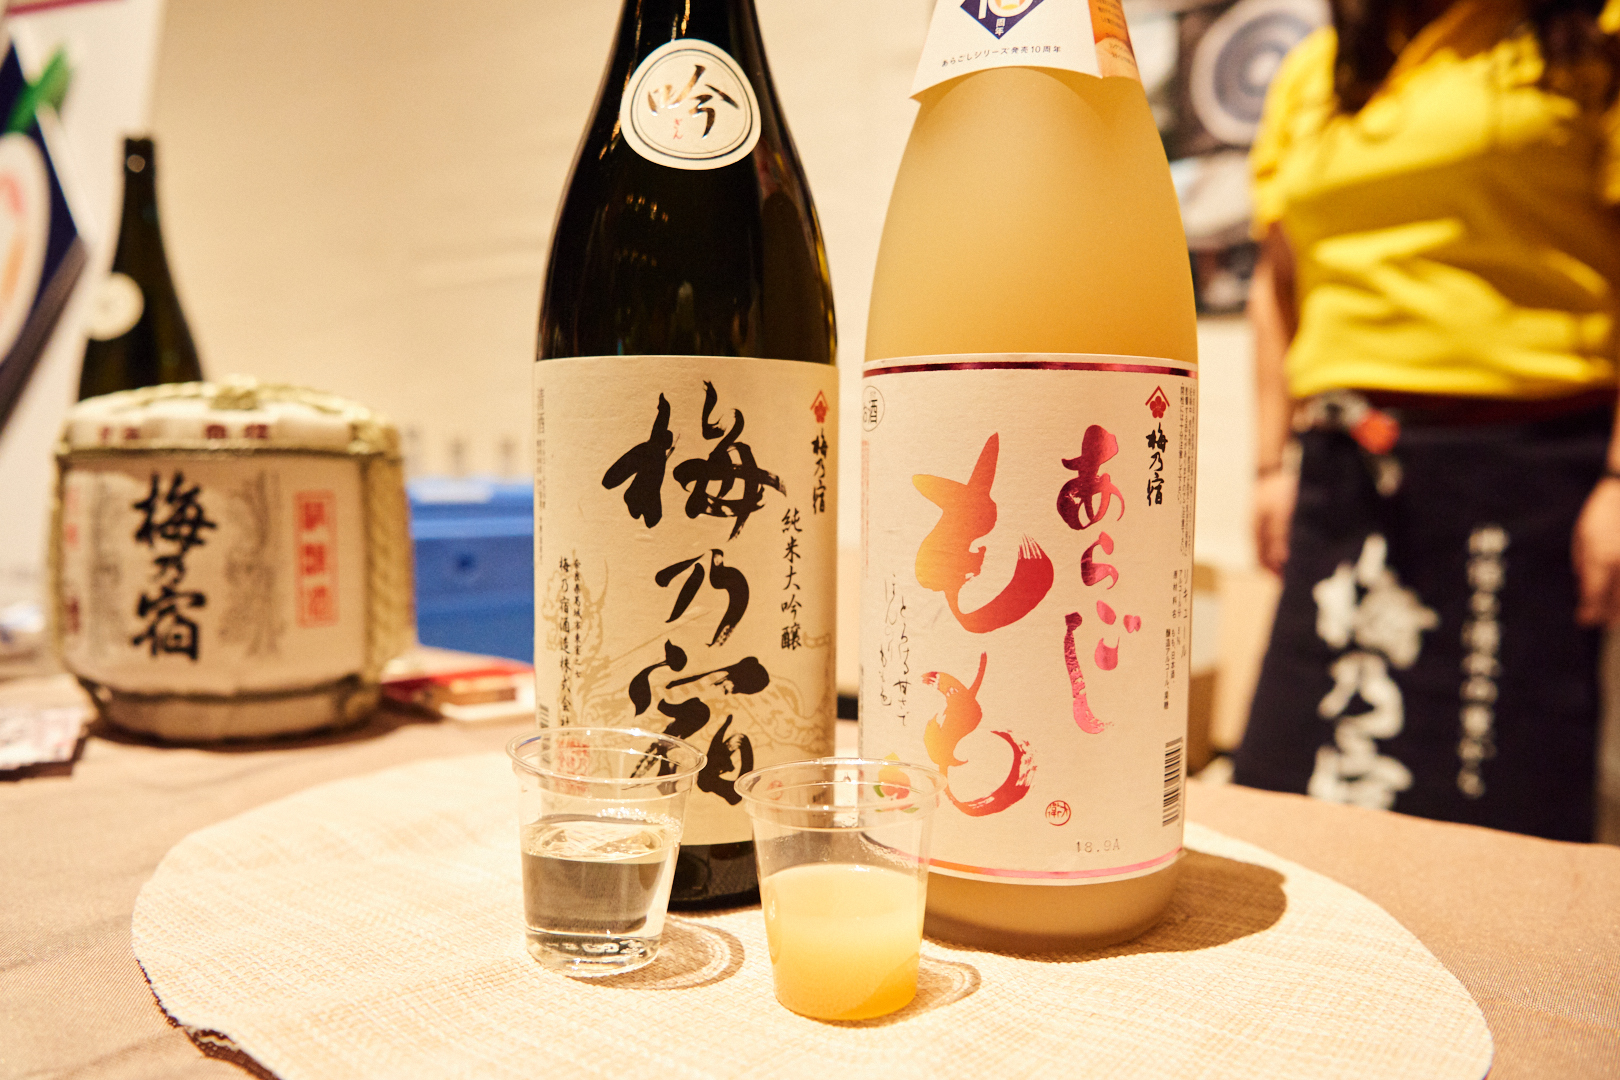 左から『純米三酒 純米大吟醸 吟』、『あらごしもも』